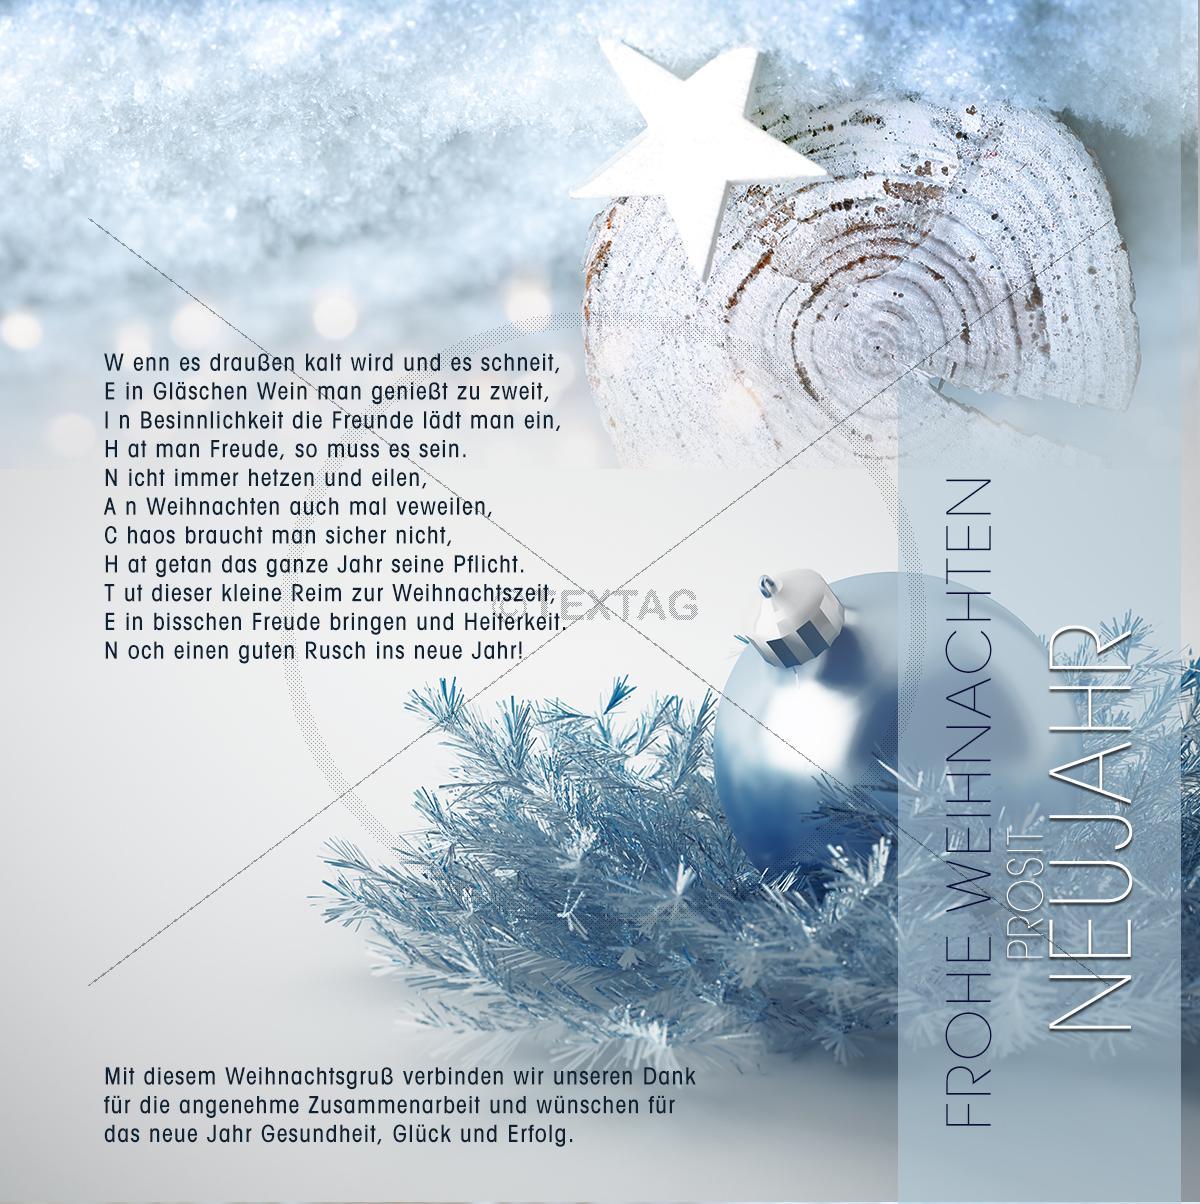 Virtuelle Weihnachtskarten.Weihnachtskarte Geschäftlich Ecard Ohne Werbung Mit Spruch 175